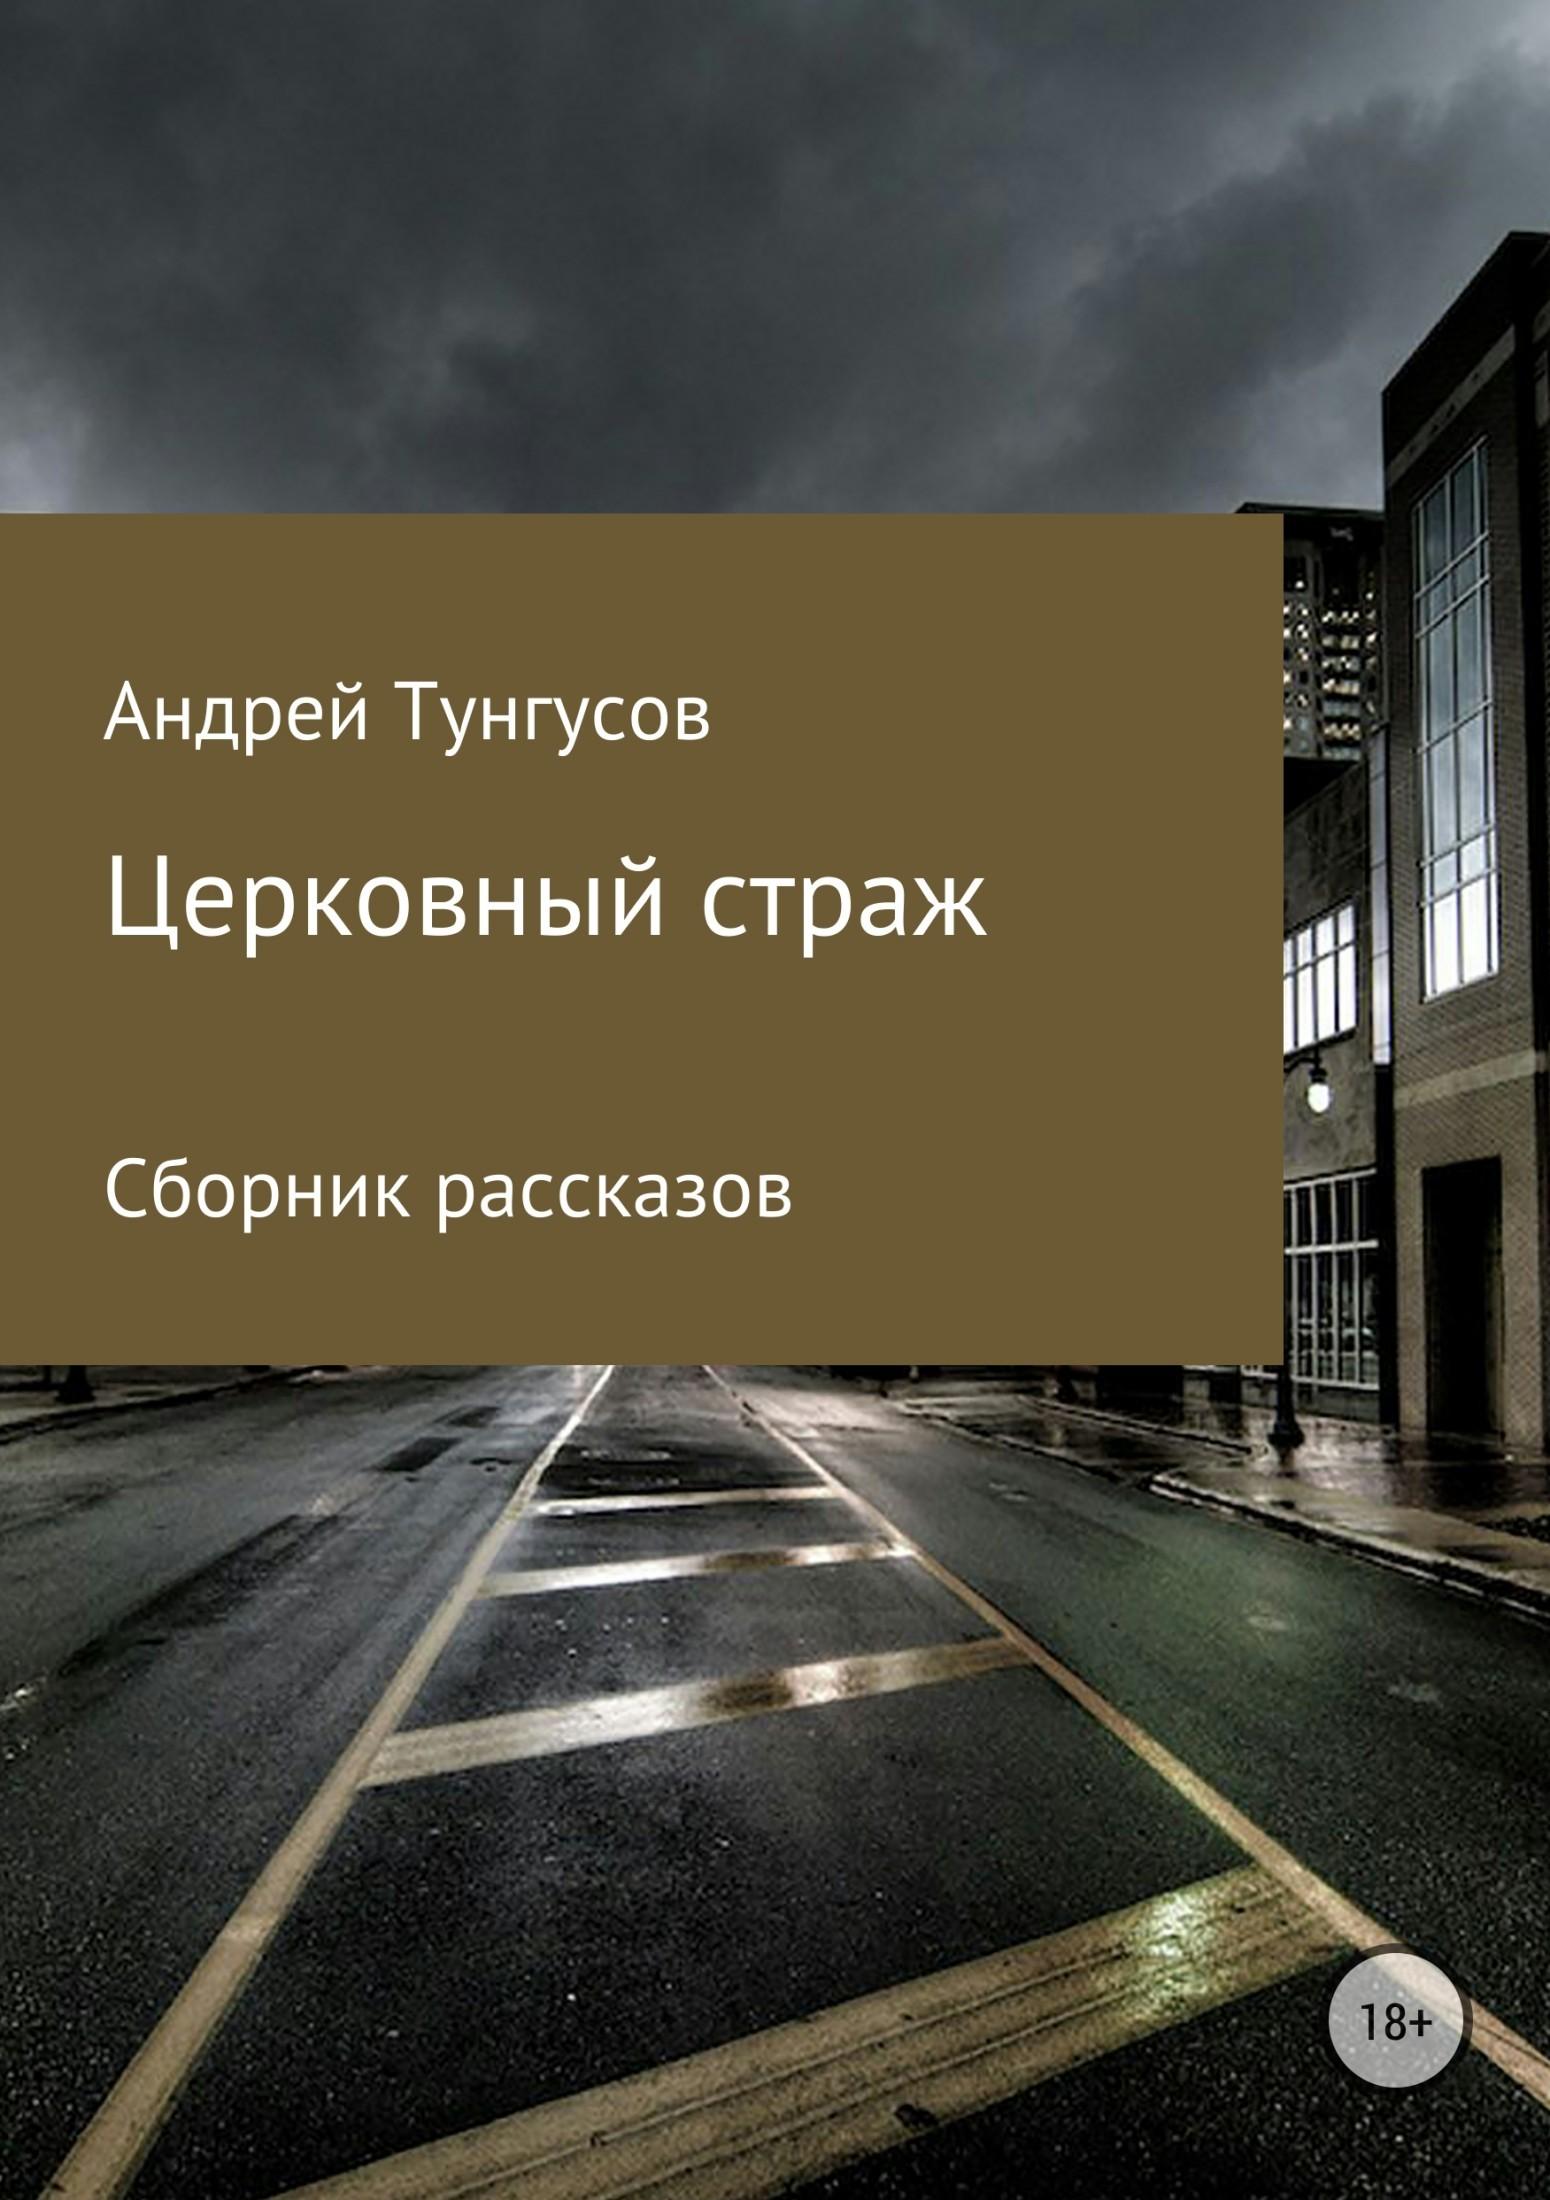 Андрей Андреевич Тунгусов Церковный страж. Сборник рассказов